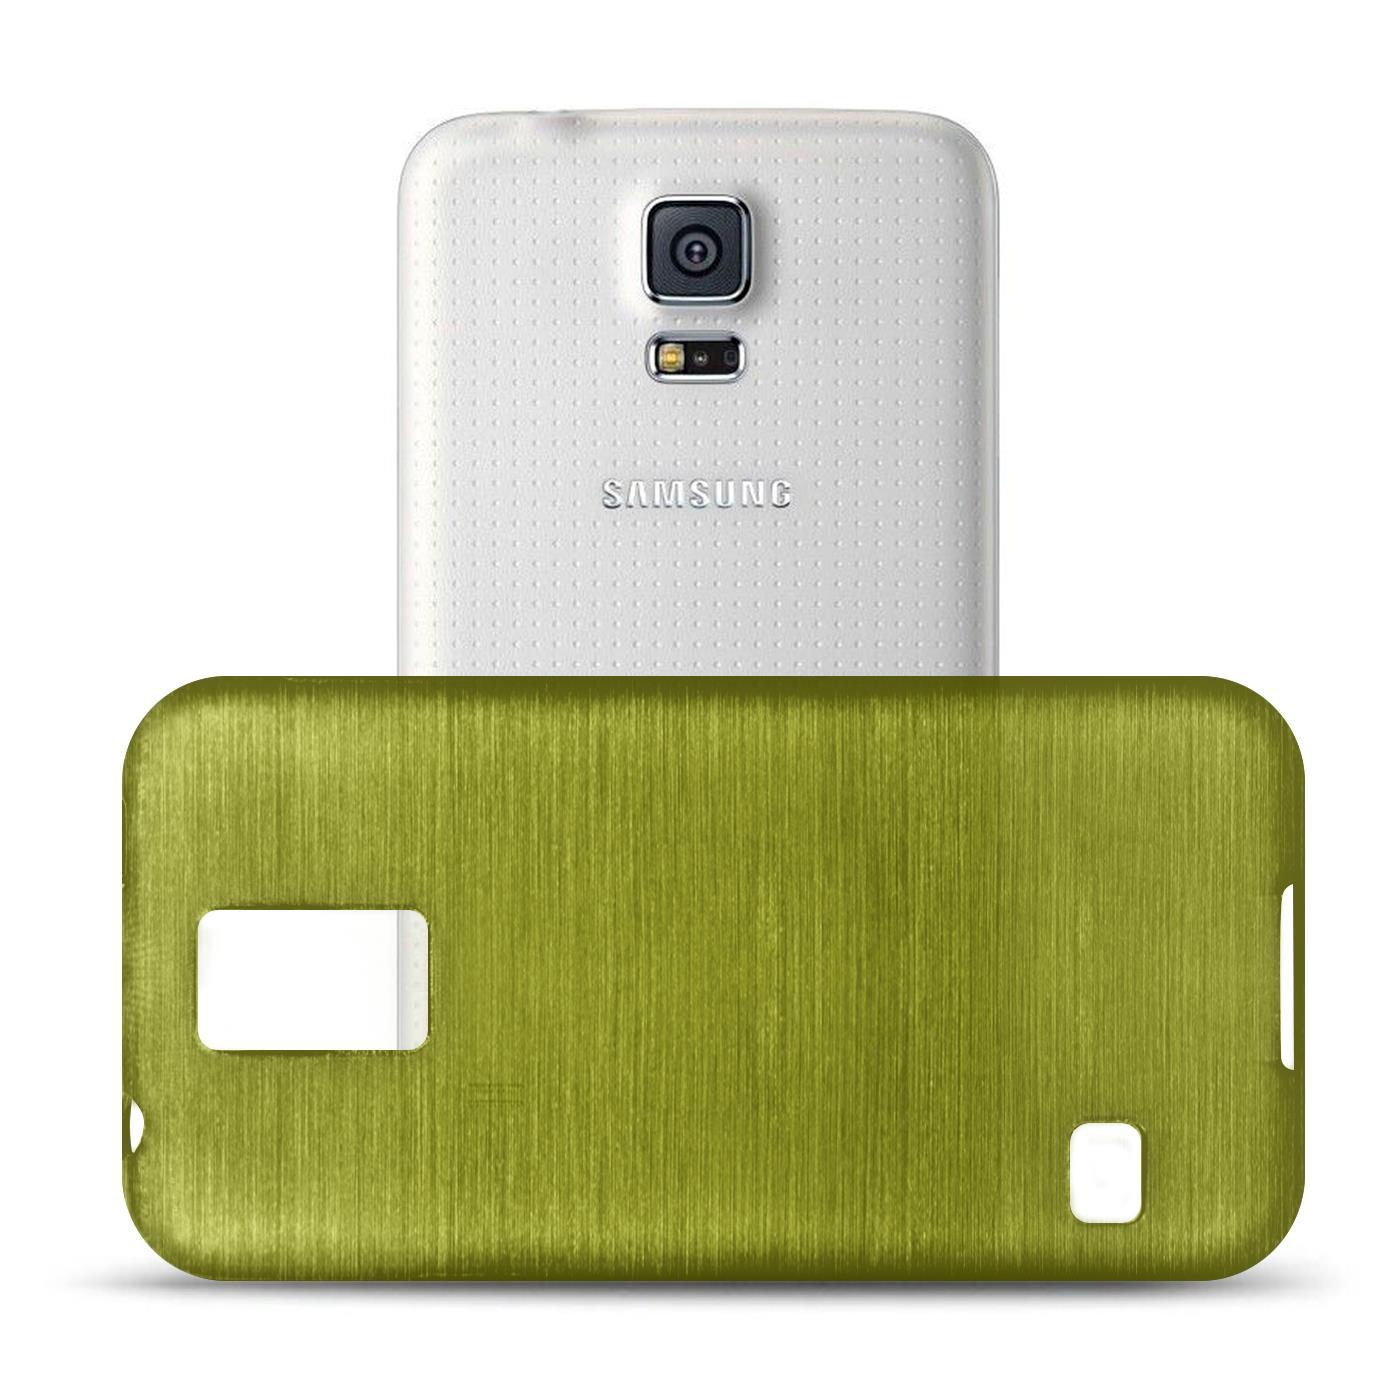 Silikon-Bumper-Case-Samsung-Galaxy-s5-Neo-duenne-ultra-slim-Stossfeste-Rueckschale Indexbild 20